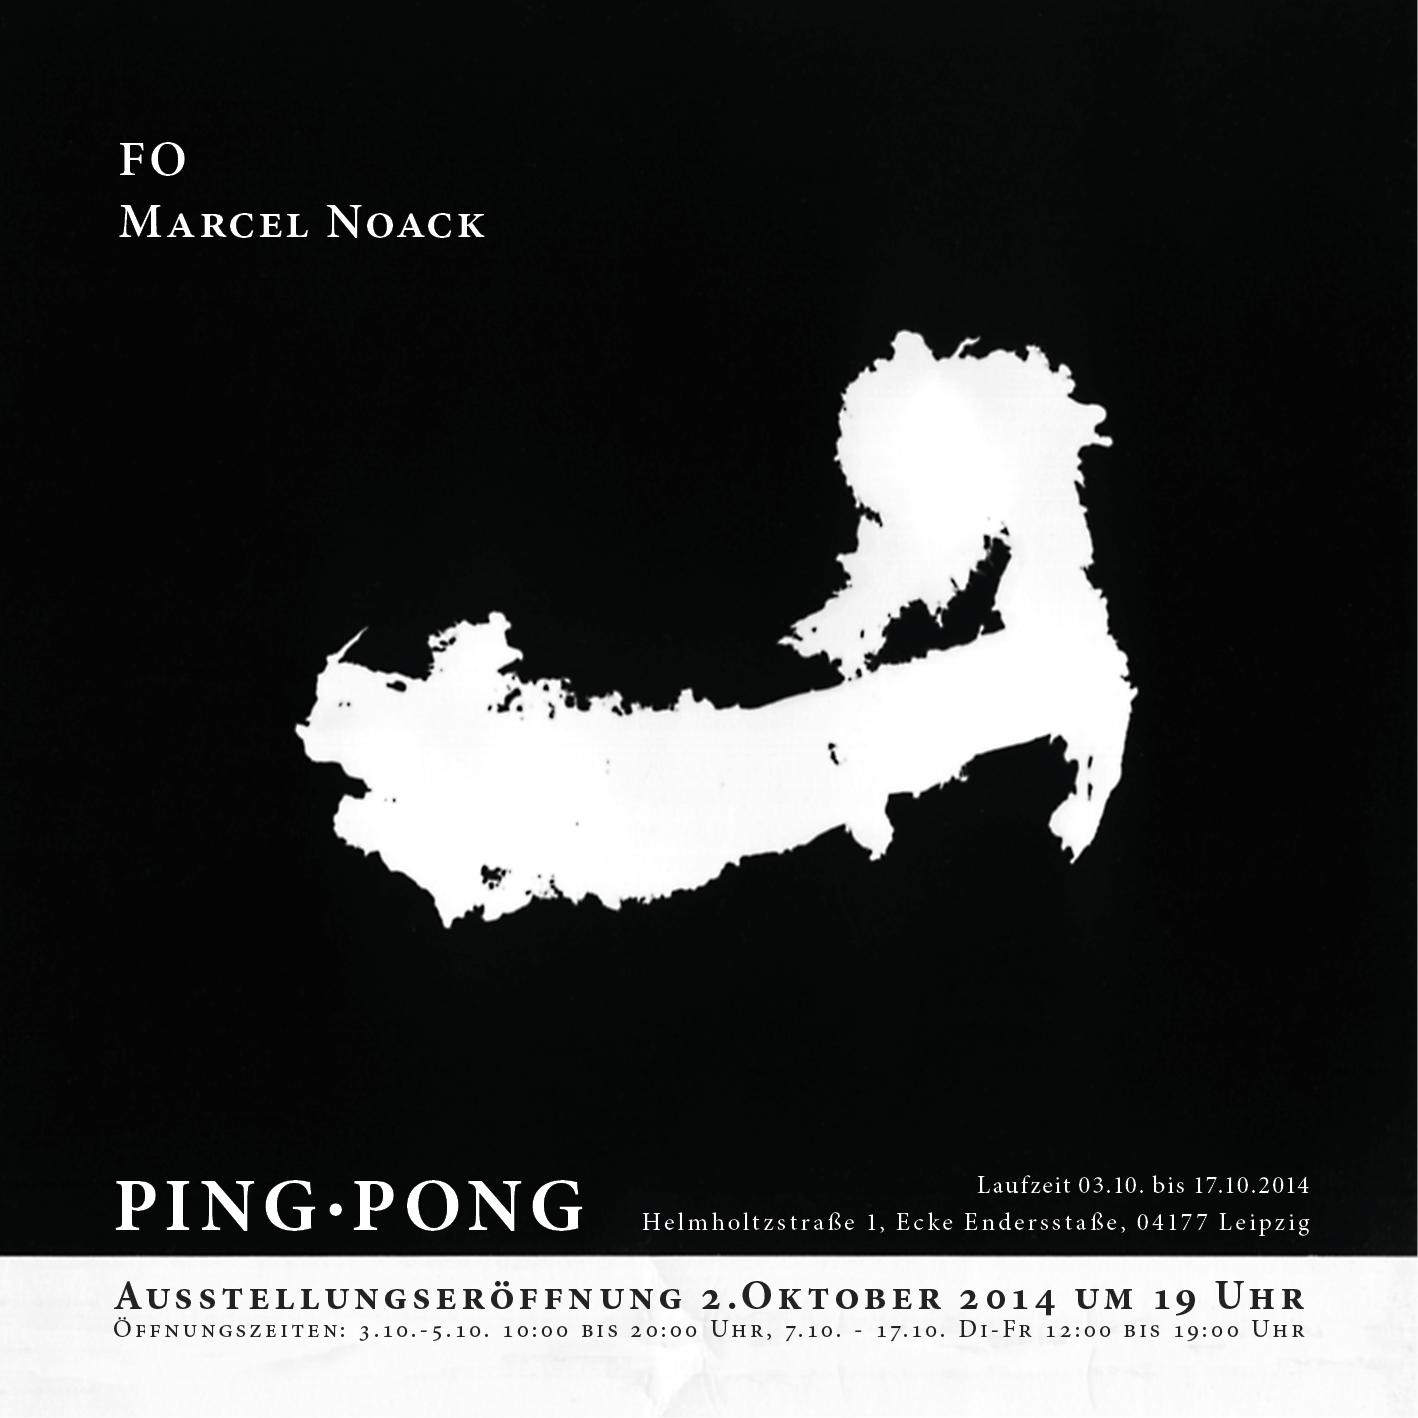 Flyer Marcel Noack FO